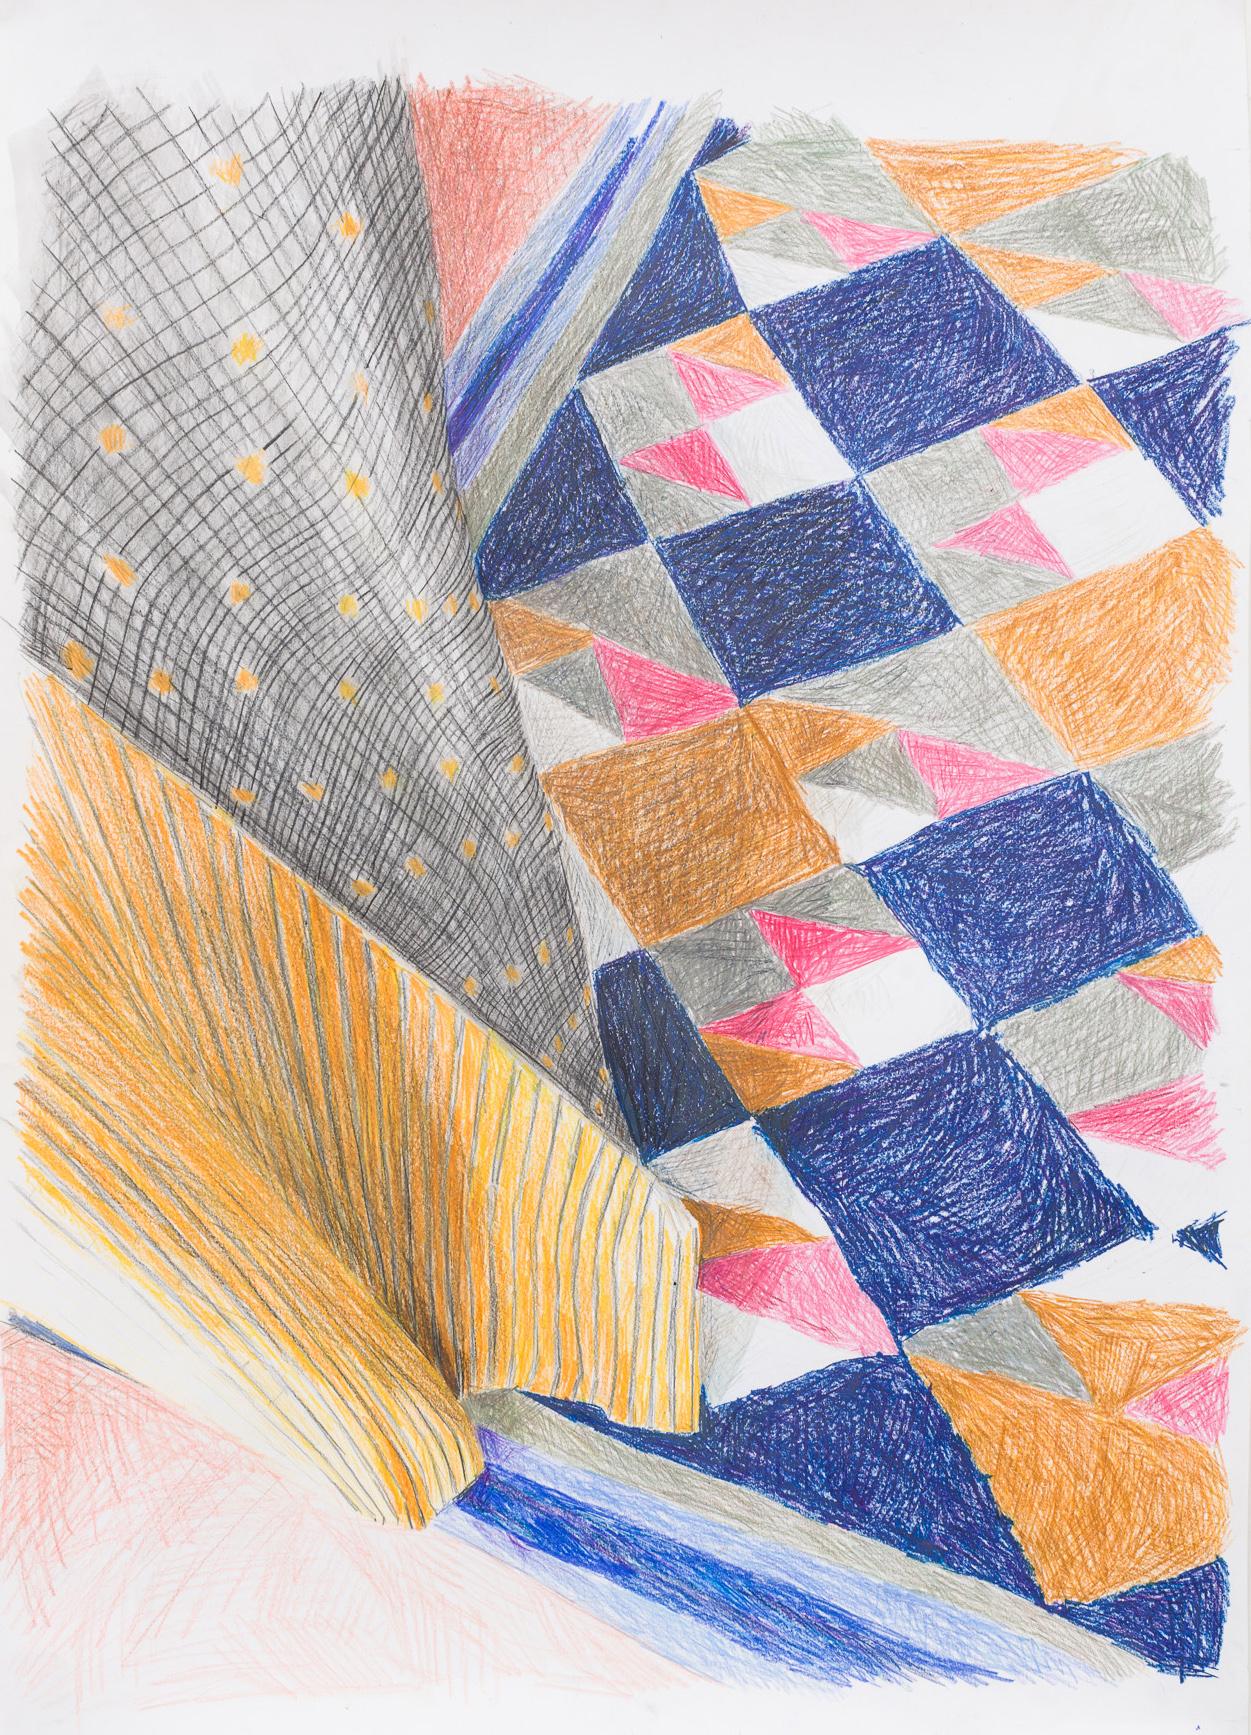 Dorenbosch-Vloerkleed-Gordijn-89-x-65-cm-kleurpotlood-en-gouache-op-papier-2017-1